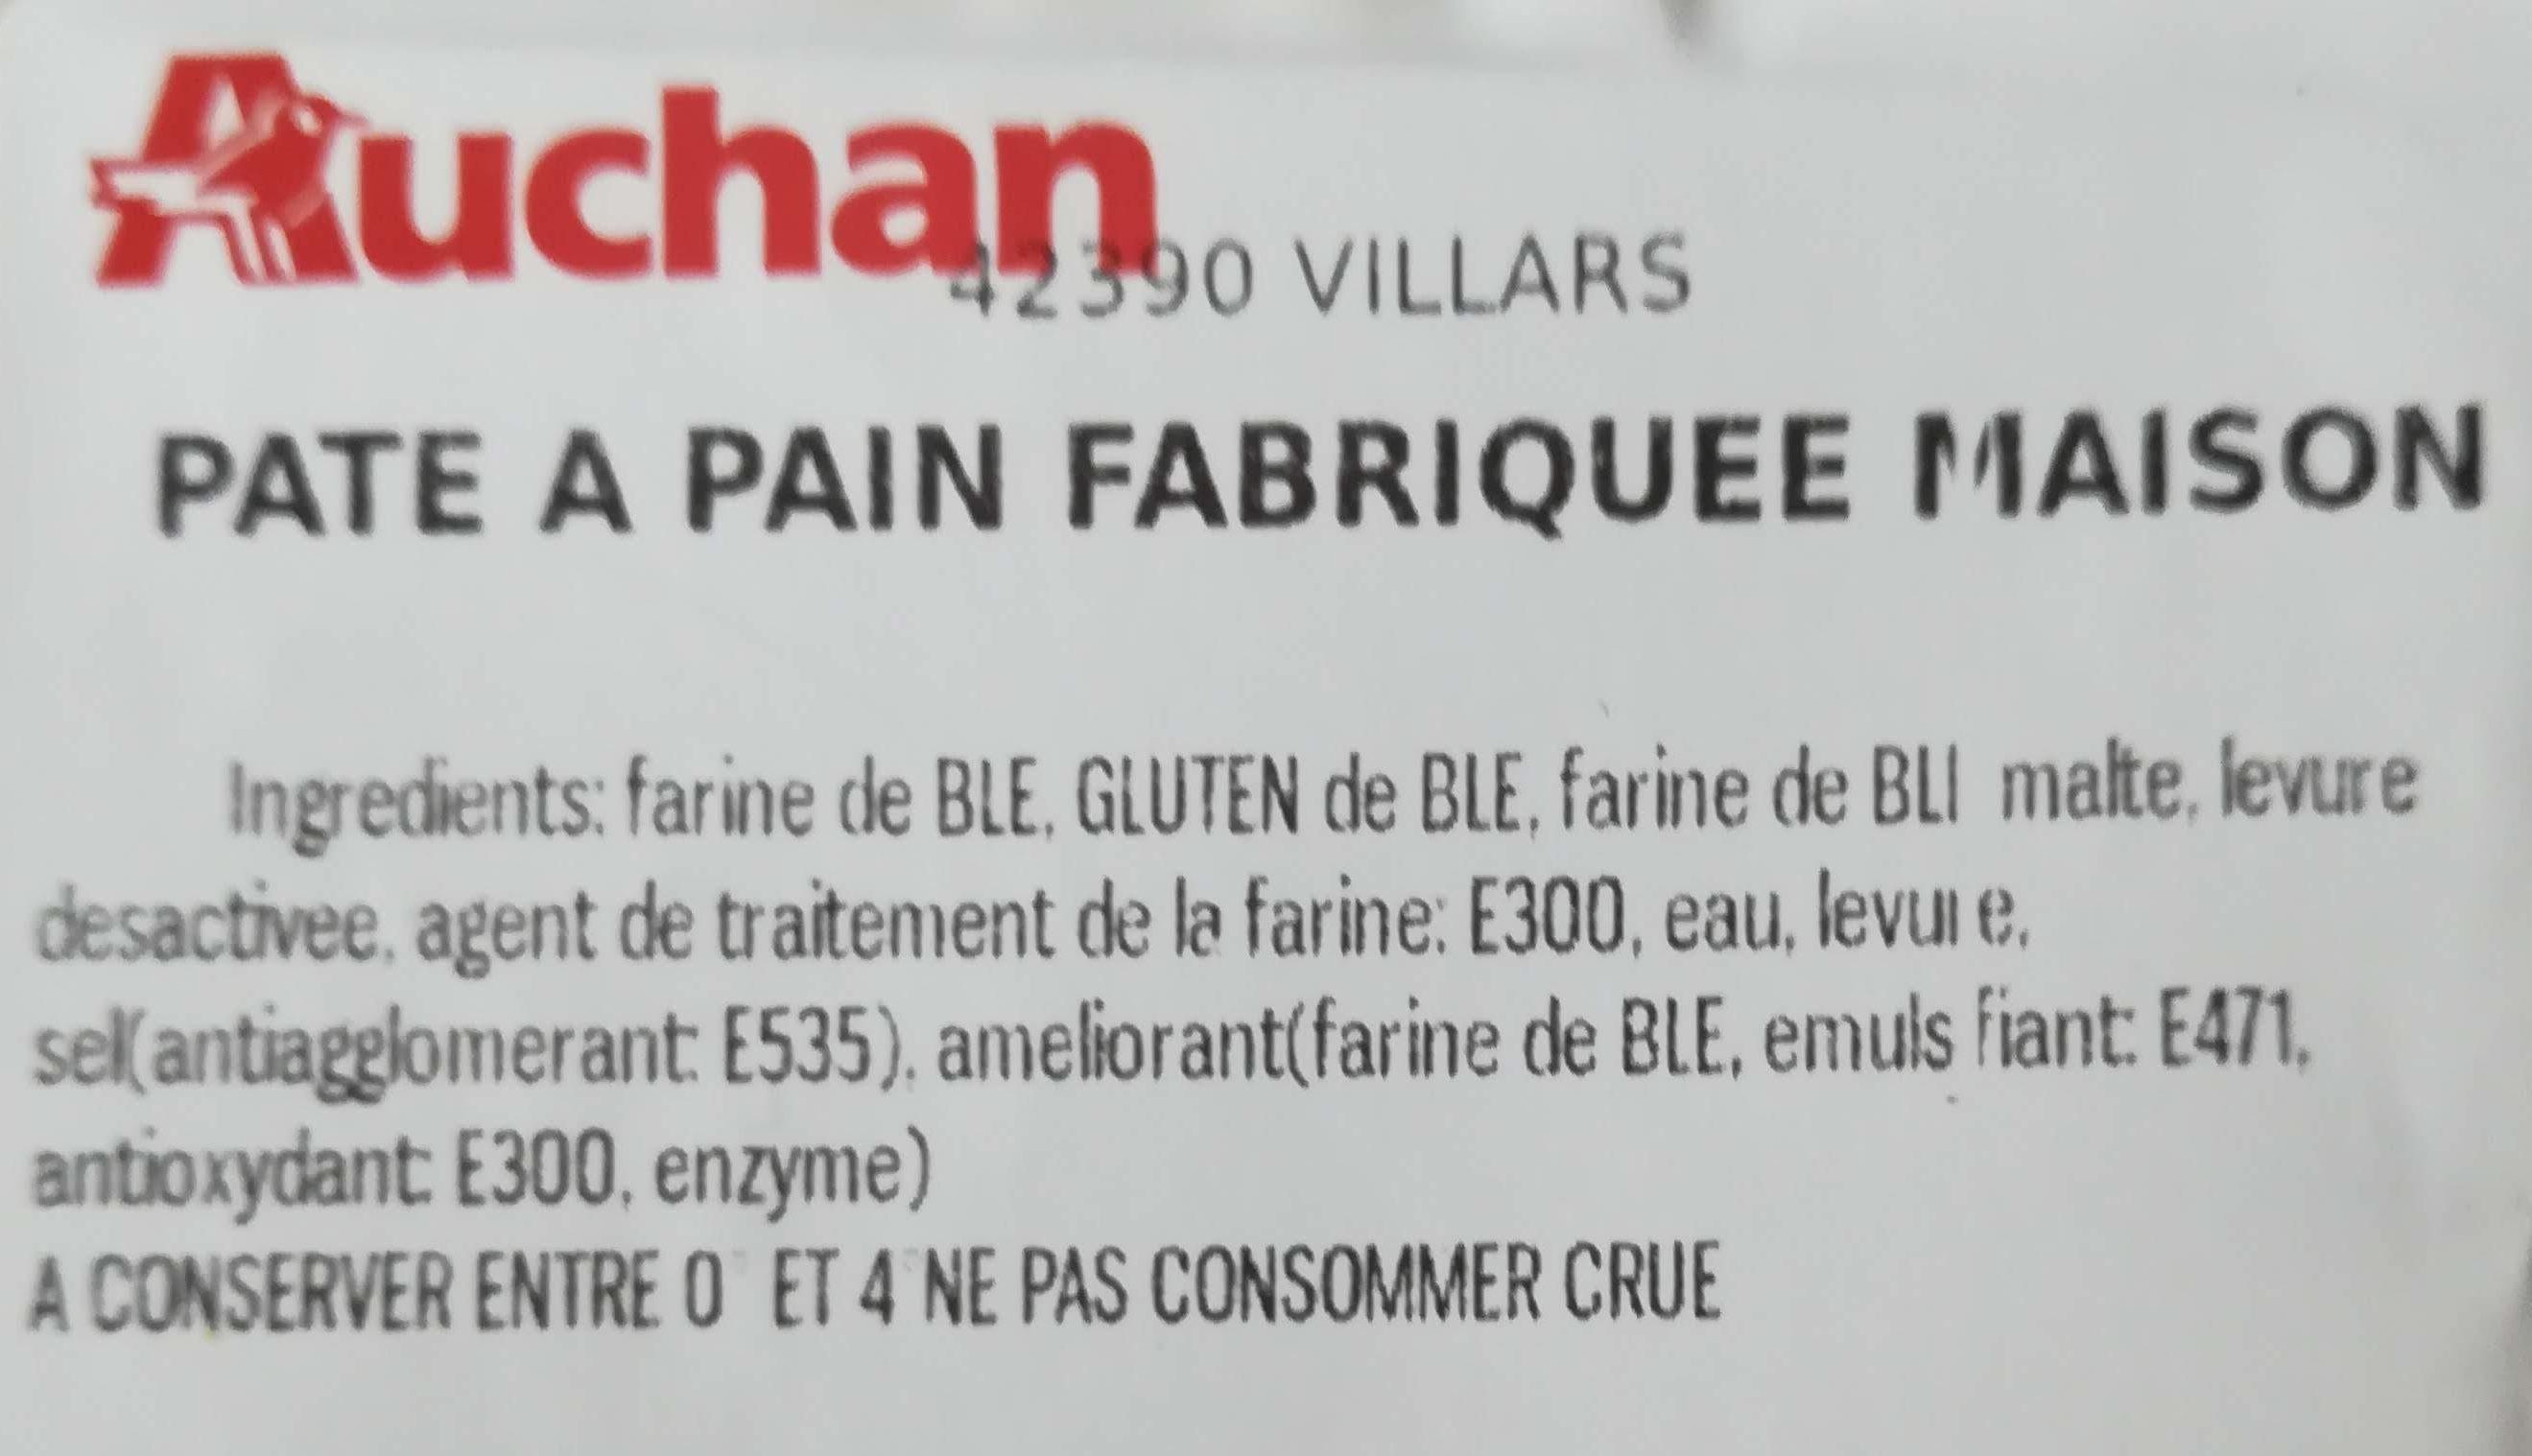 Auchan pate à pain fabriquée maison - Ingredients - fr